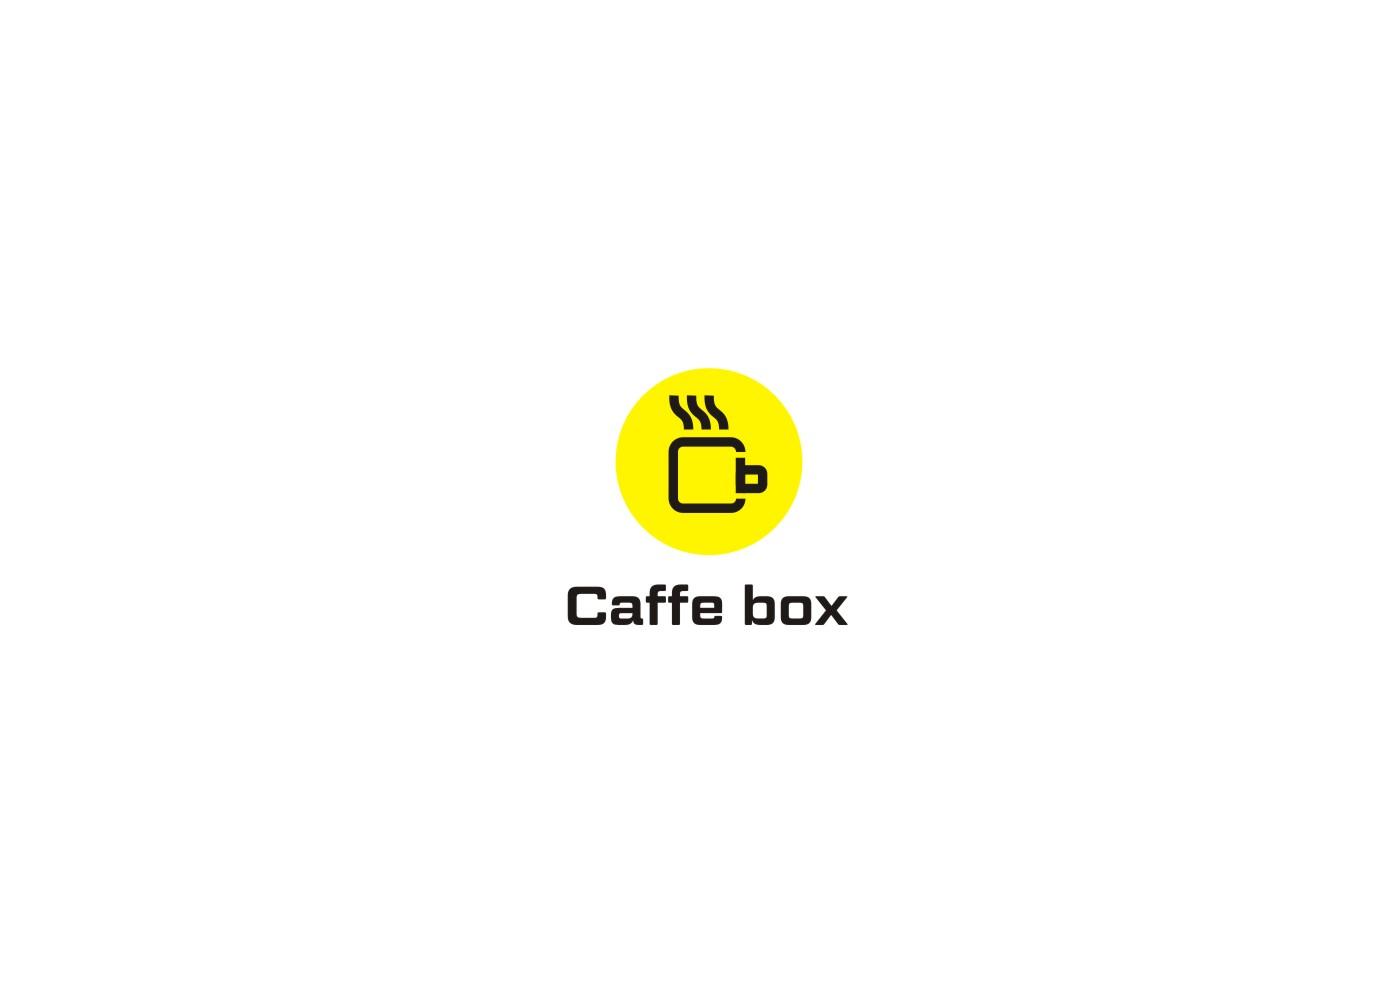 Требуется очень срочно разработать логотип кофейни! фото f_9425a0a994d35243.jpg